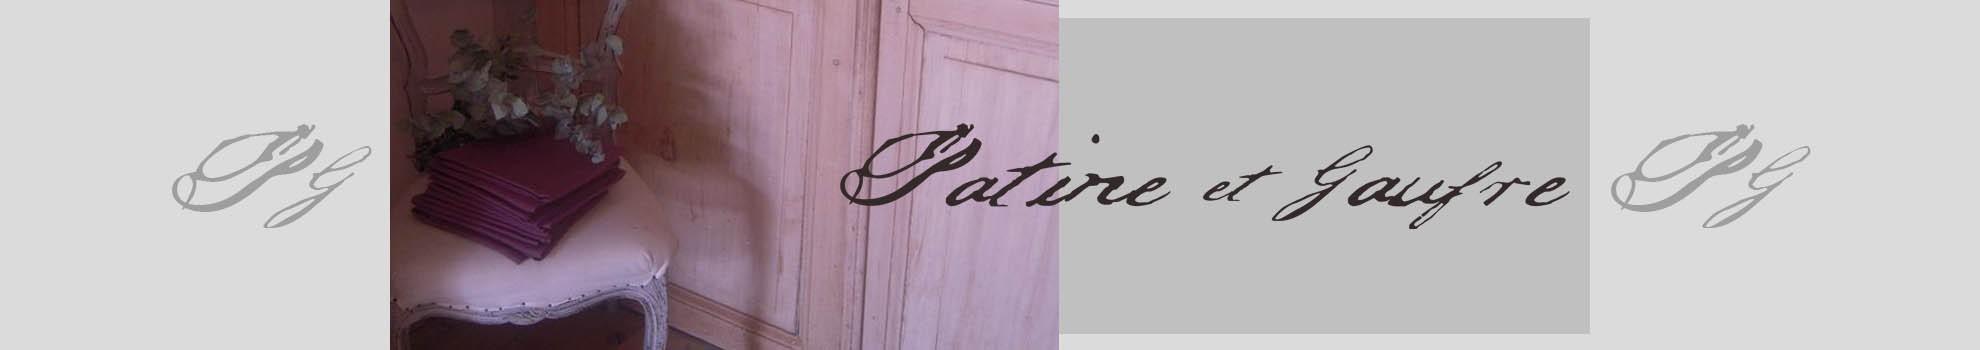 Patine et Gaufre